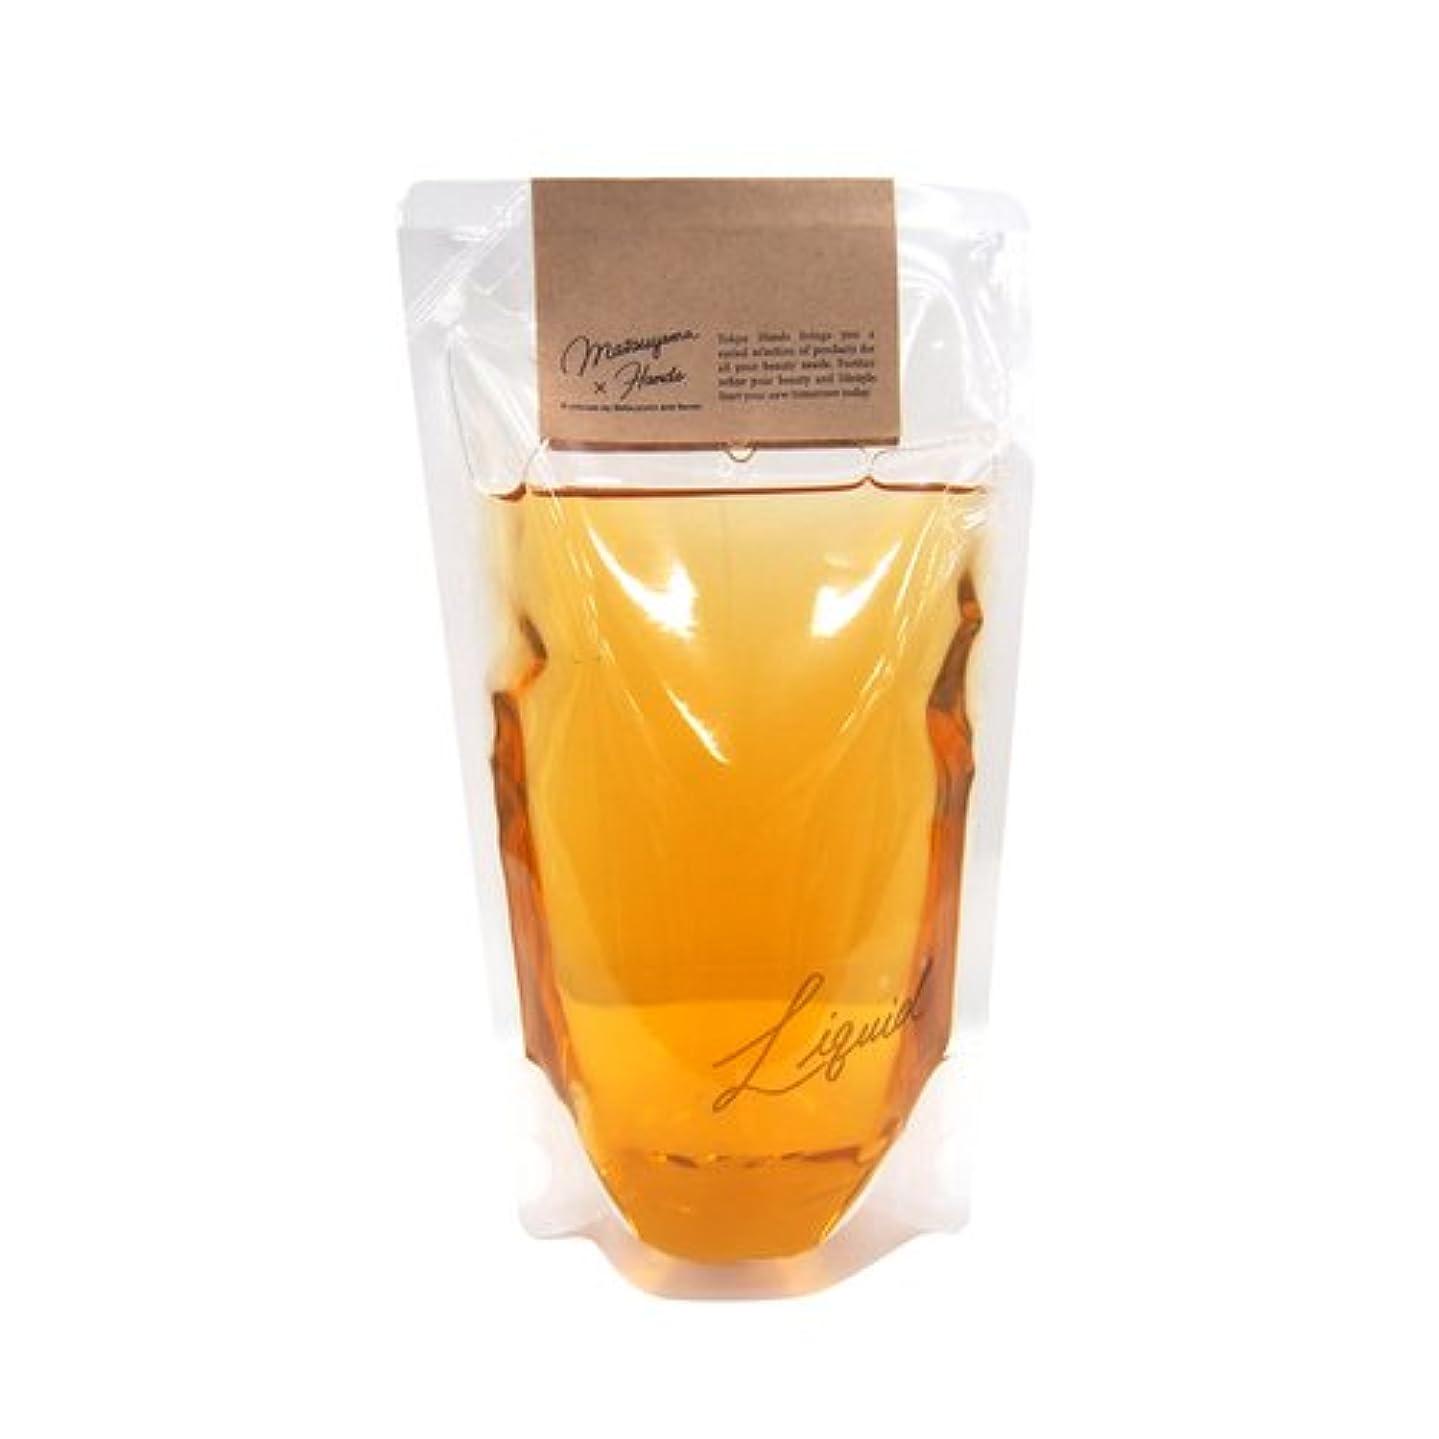 好ましい苦行バスト松山油脂×東急ハンズ モイスチャーリキッドソープ カモミール替 280mL